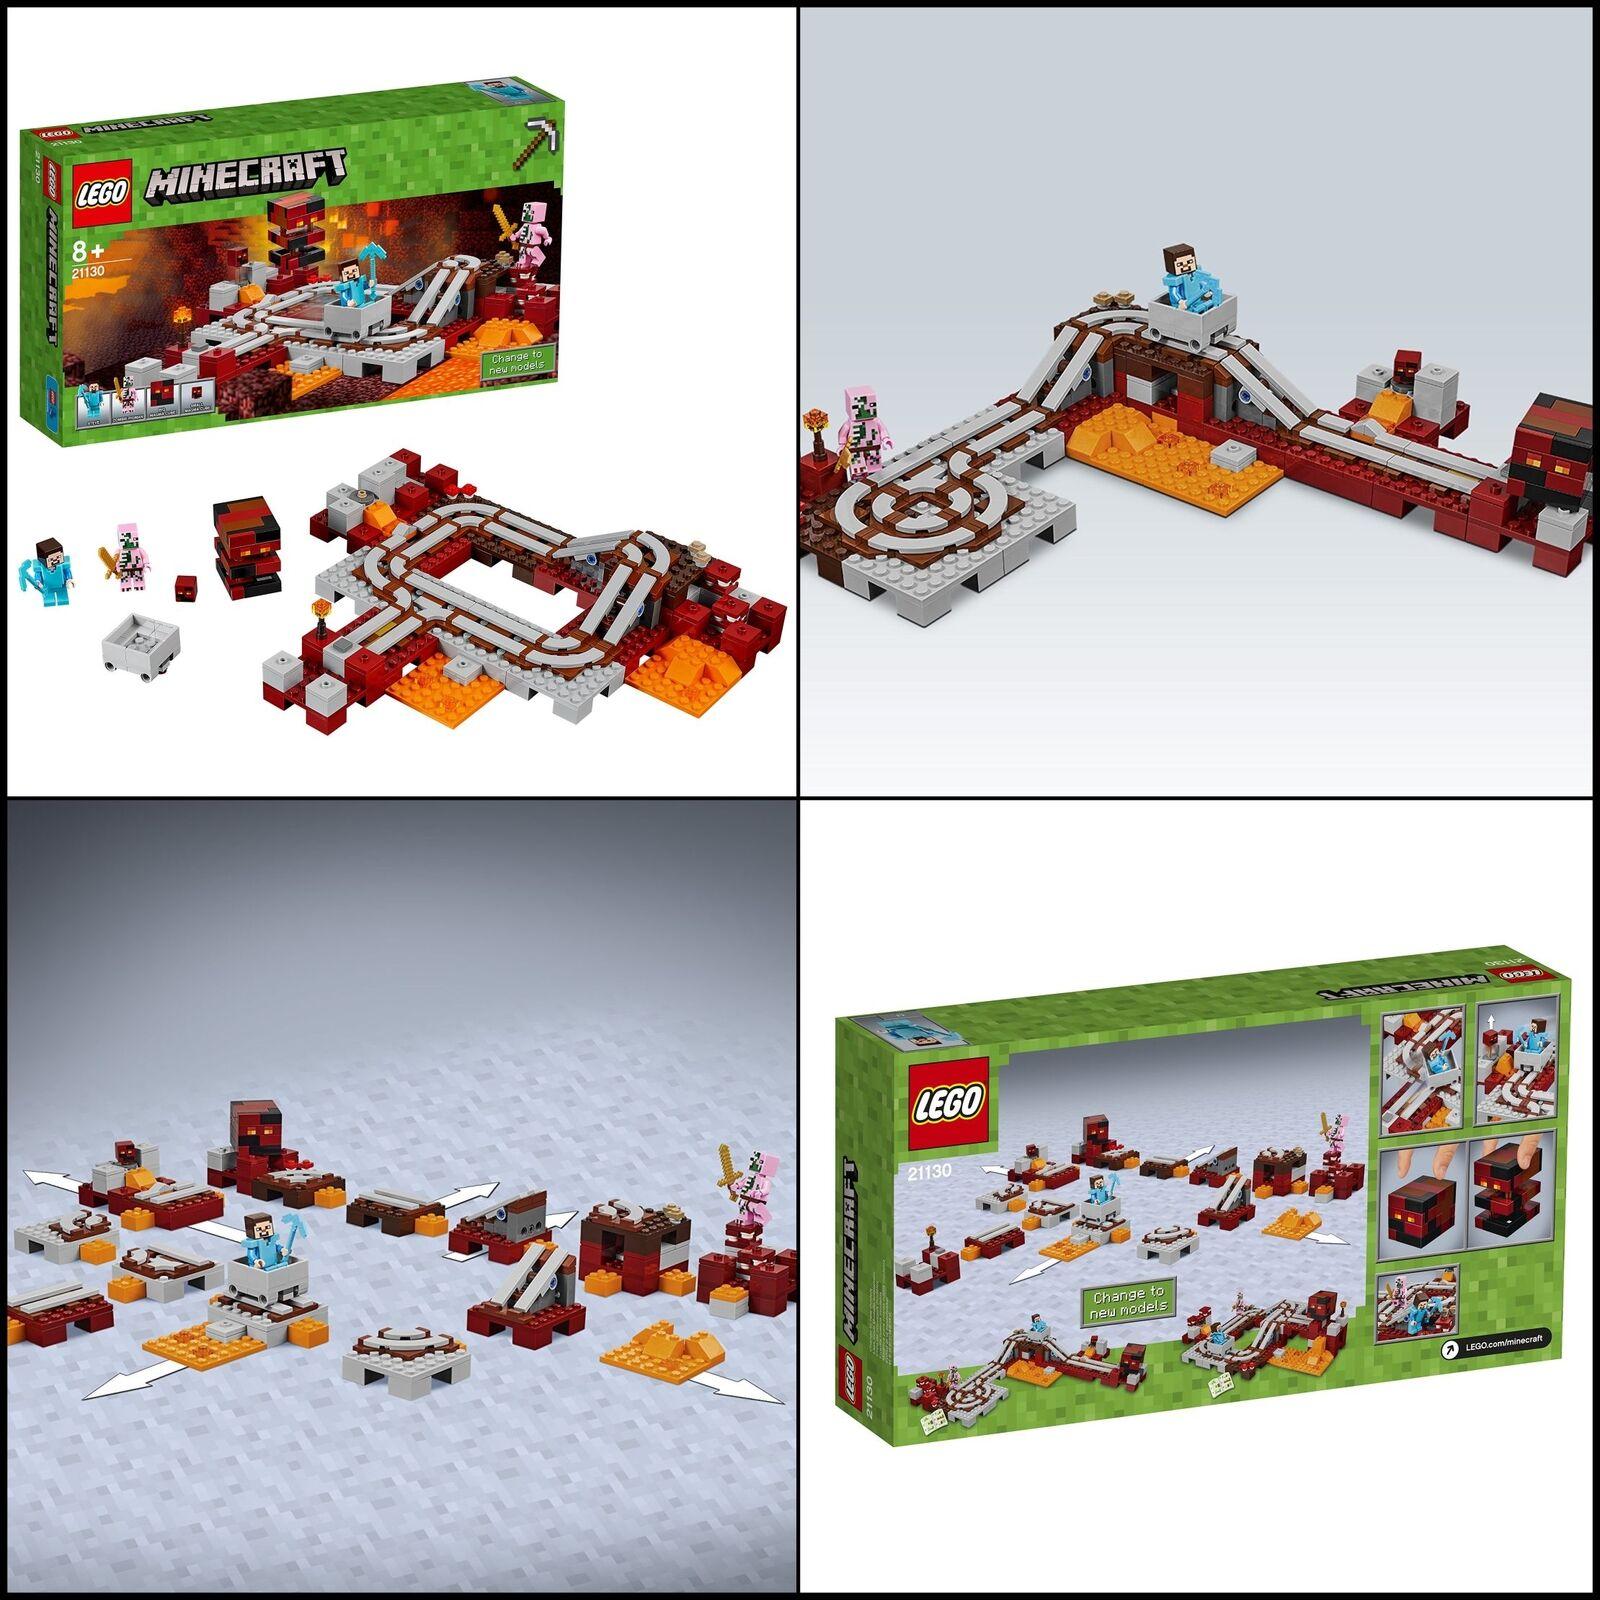 Jouet LEGO Minecraft Les rails de Nether 21130 Jeu de Construction garçon fille